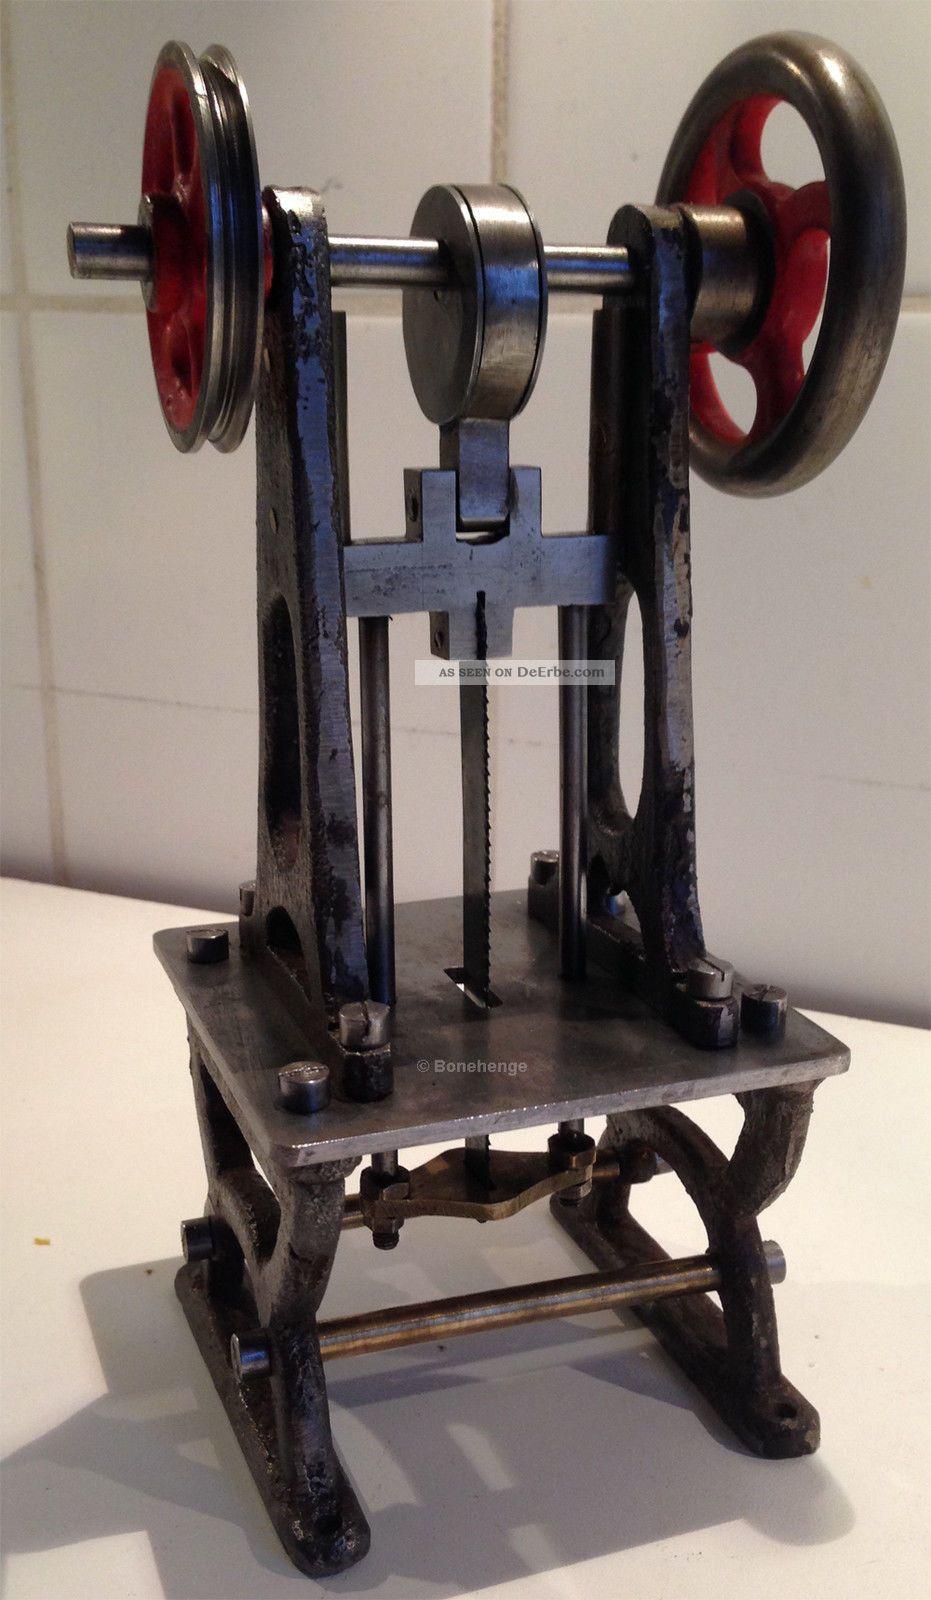 GattersÄge - Antriebsmodell Dampfspielzeug Doll, Bing, MÄrklin Ca 1920